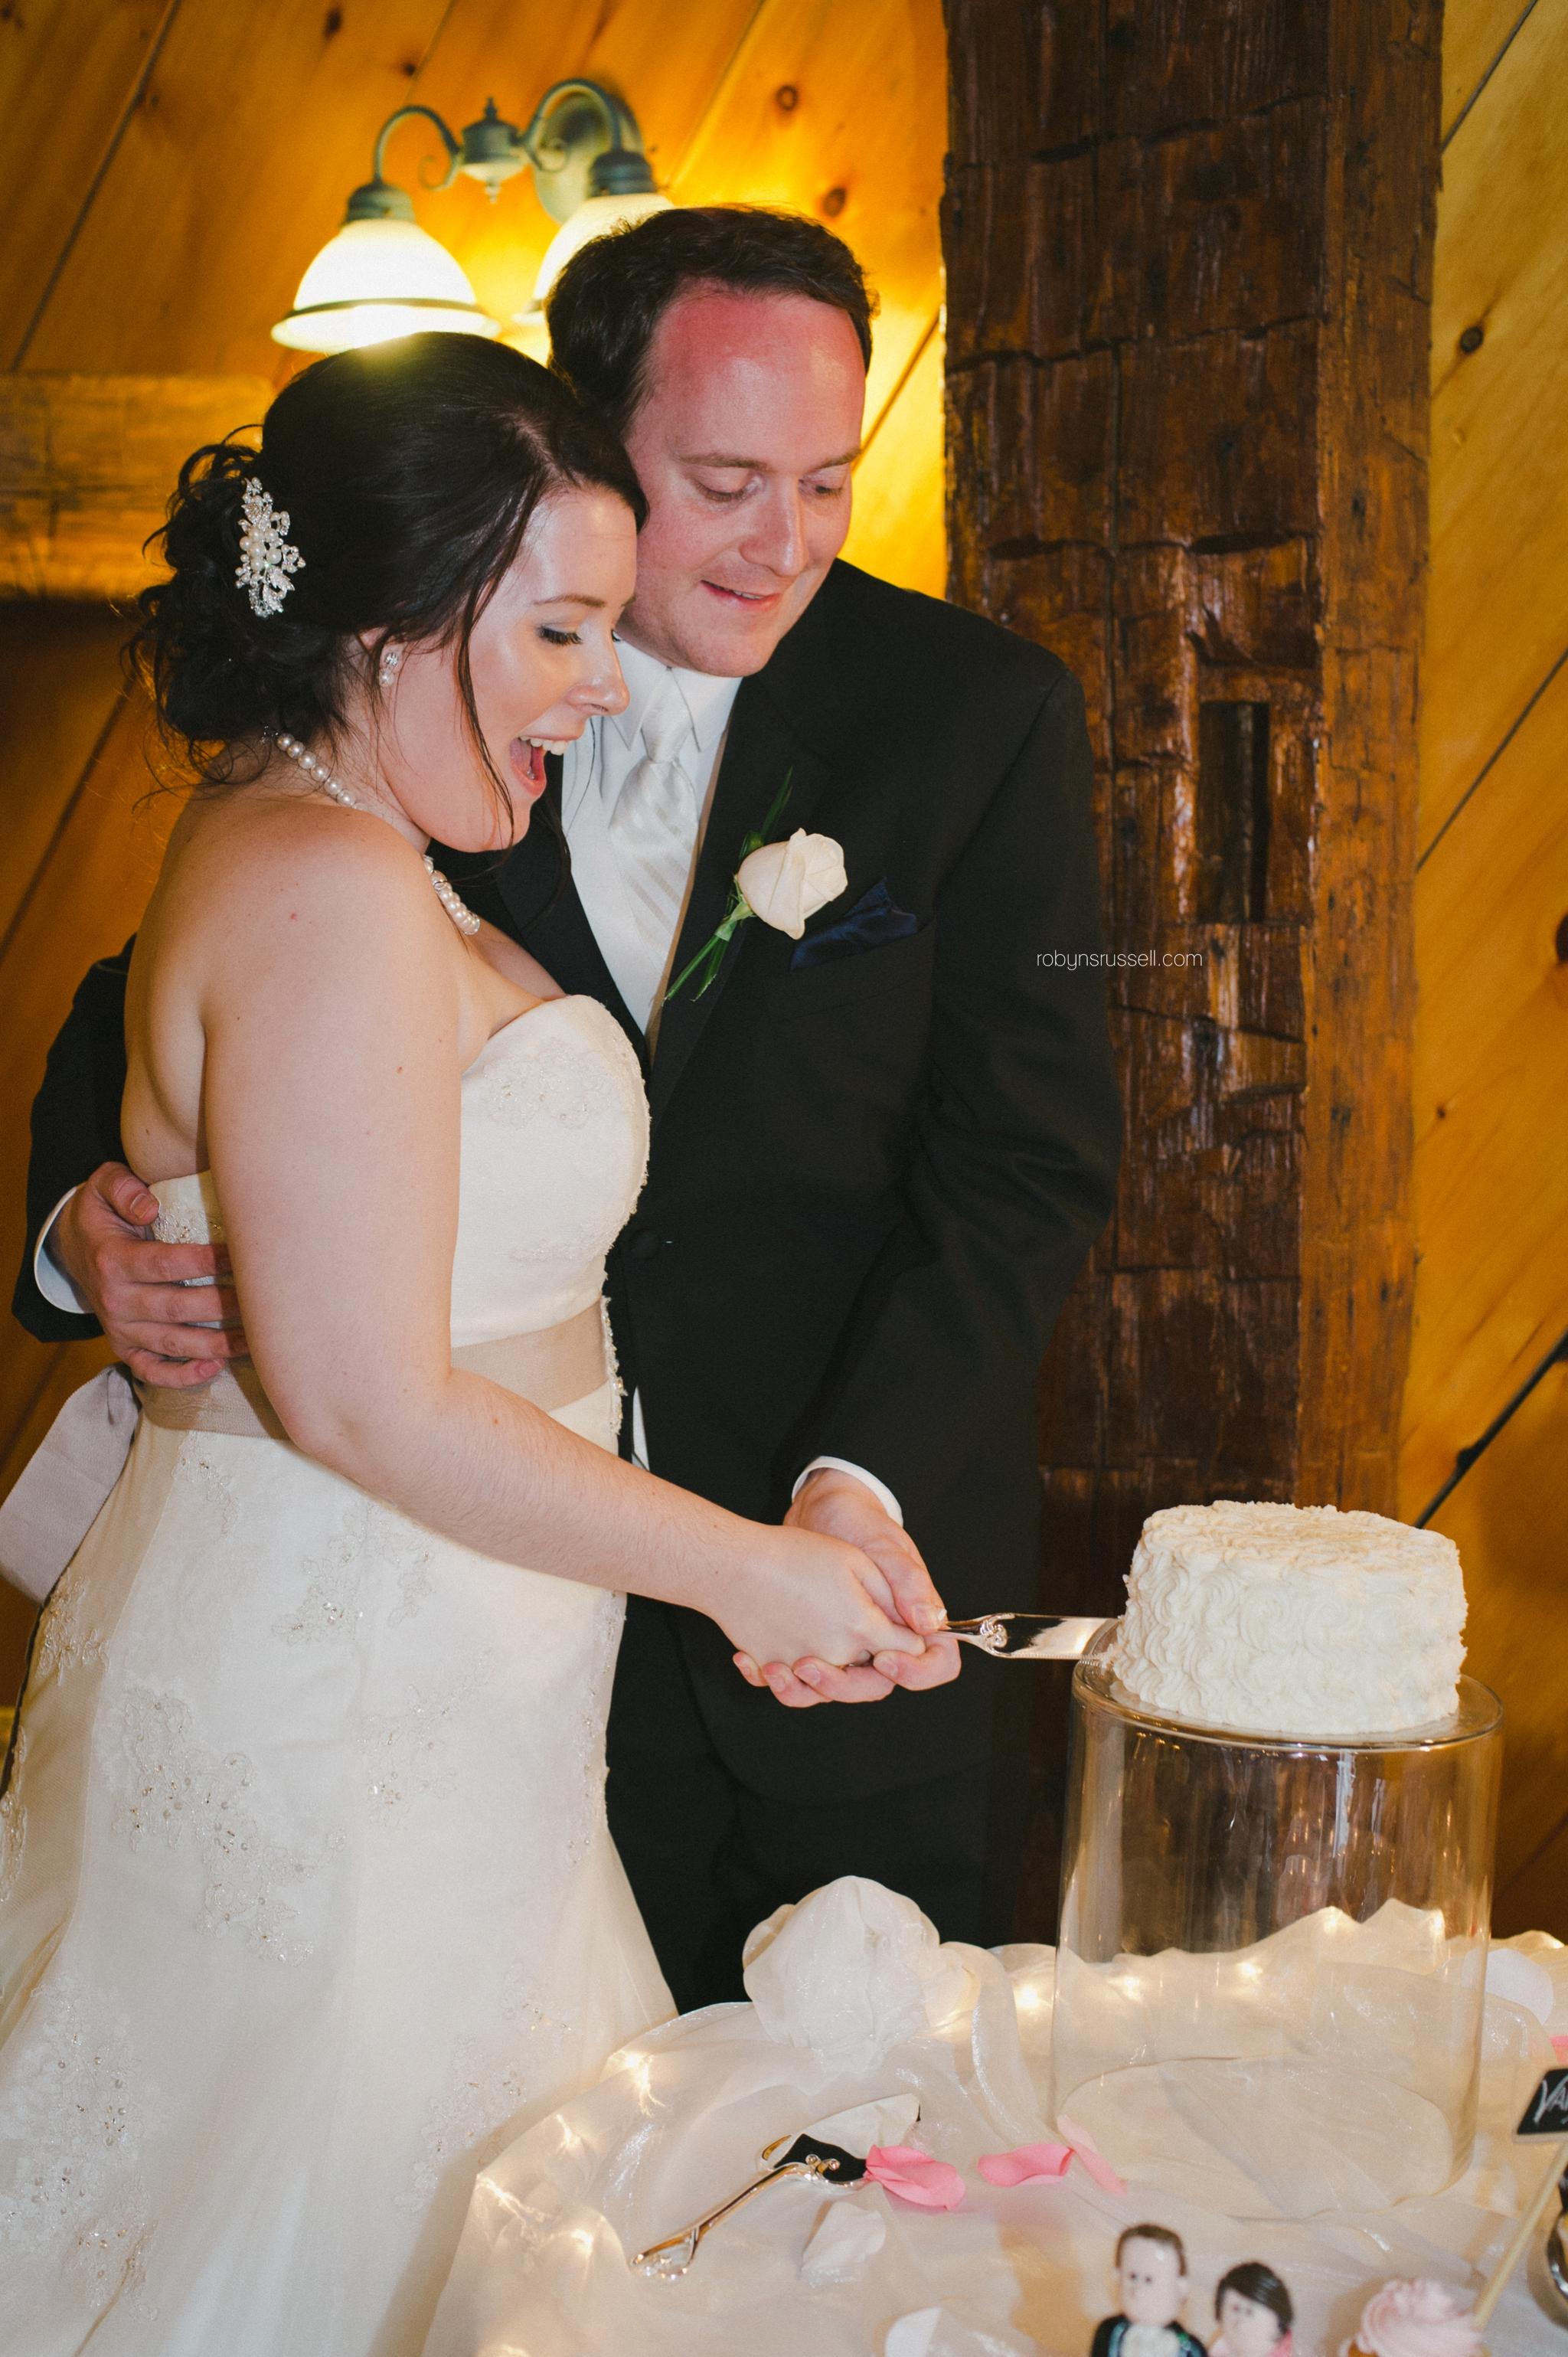 48-bride-and-groom-cut-cake.jpg